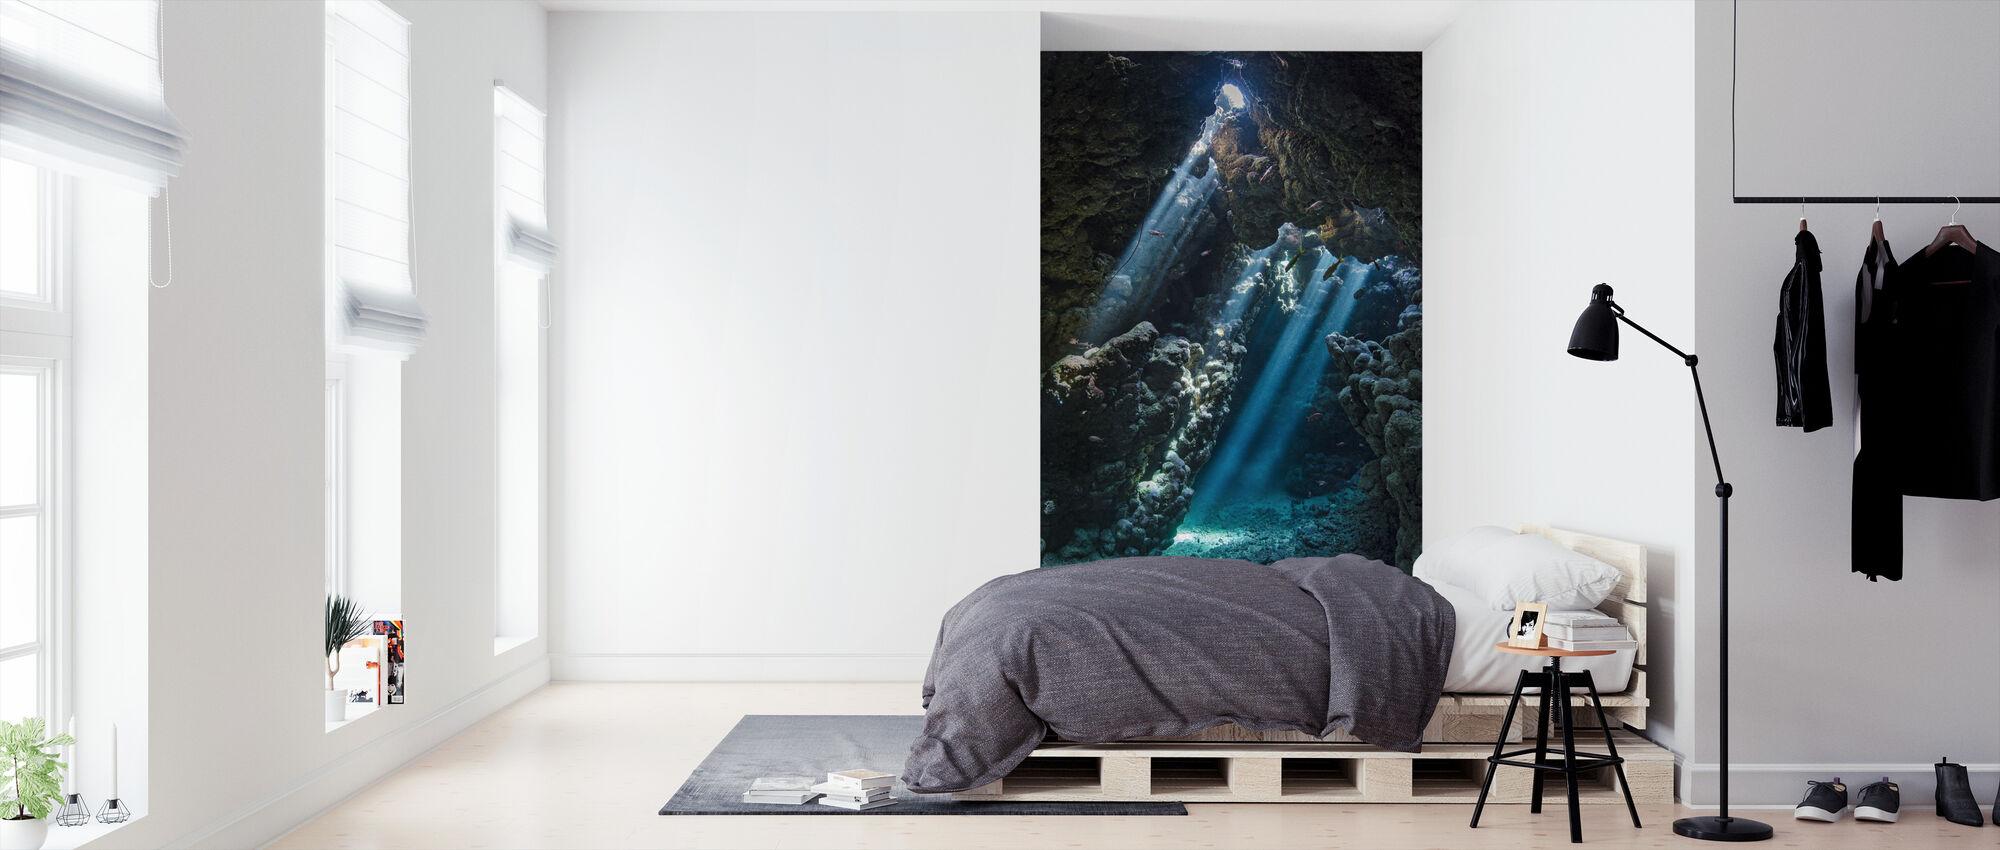 Underwater Cavern - Wallpaper - Bedroom